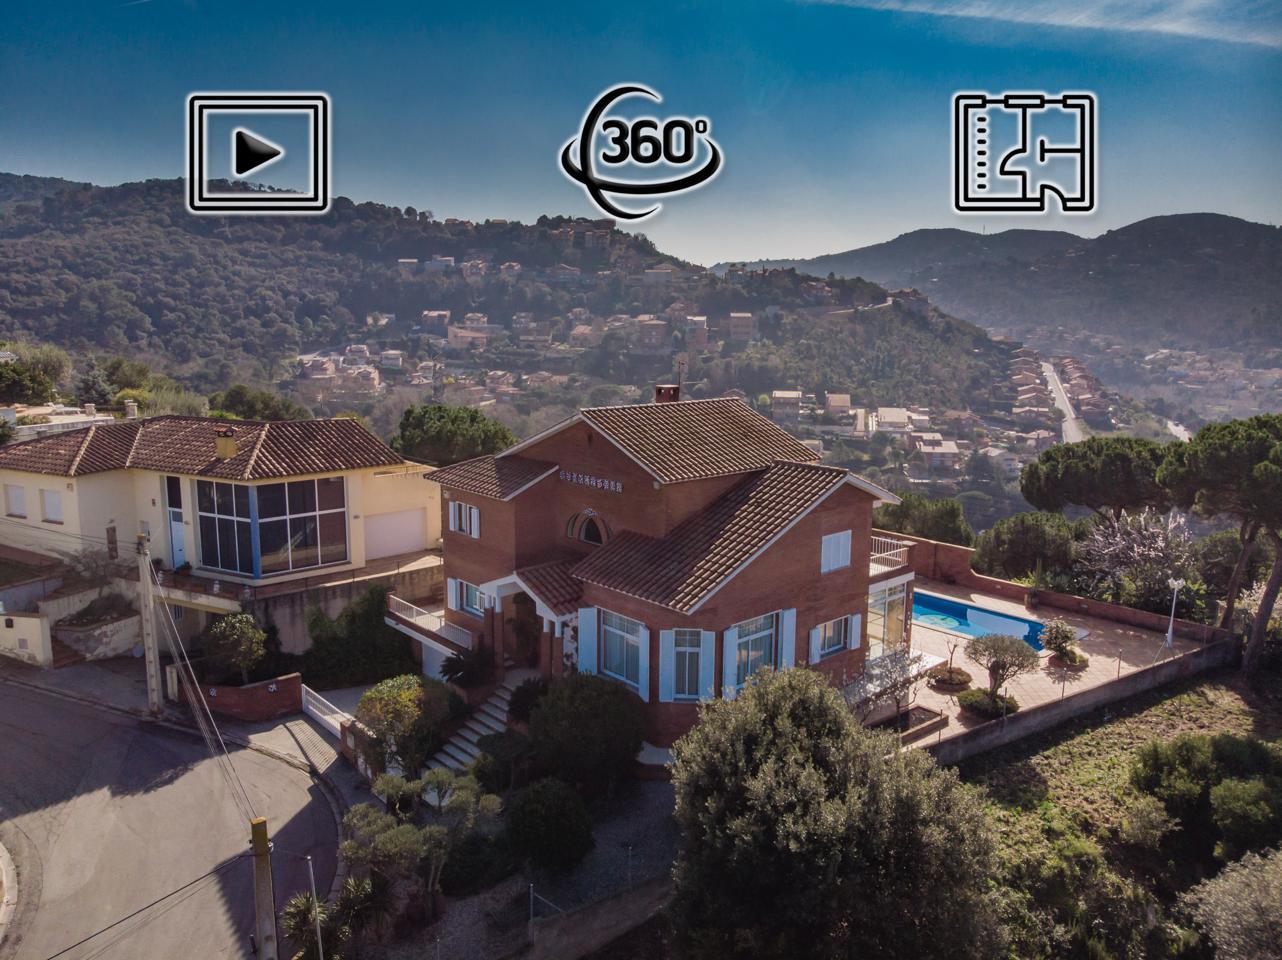 villa en sant-fost-de-campsentelles · carrer-del-canigo-20-08105 525000€